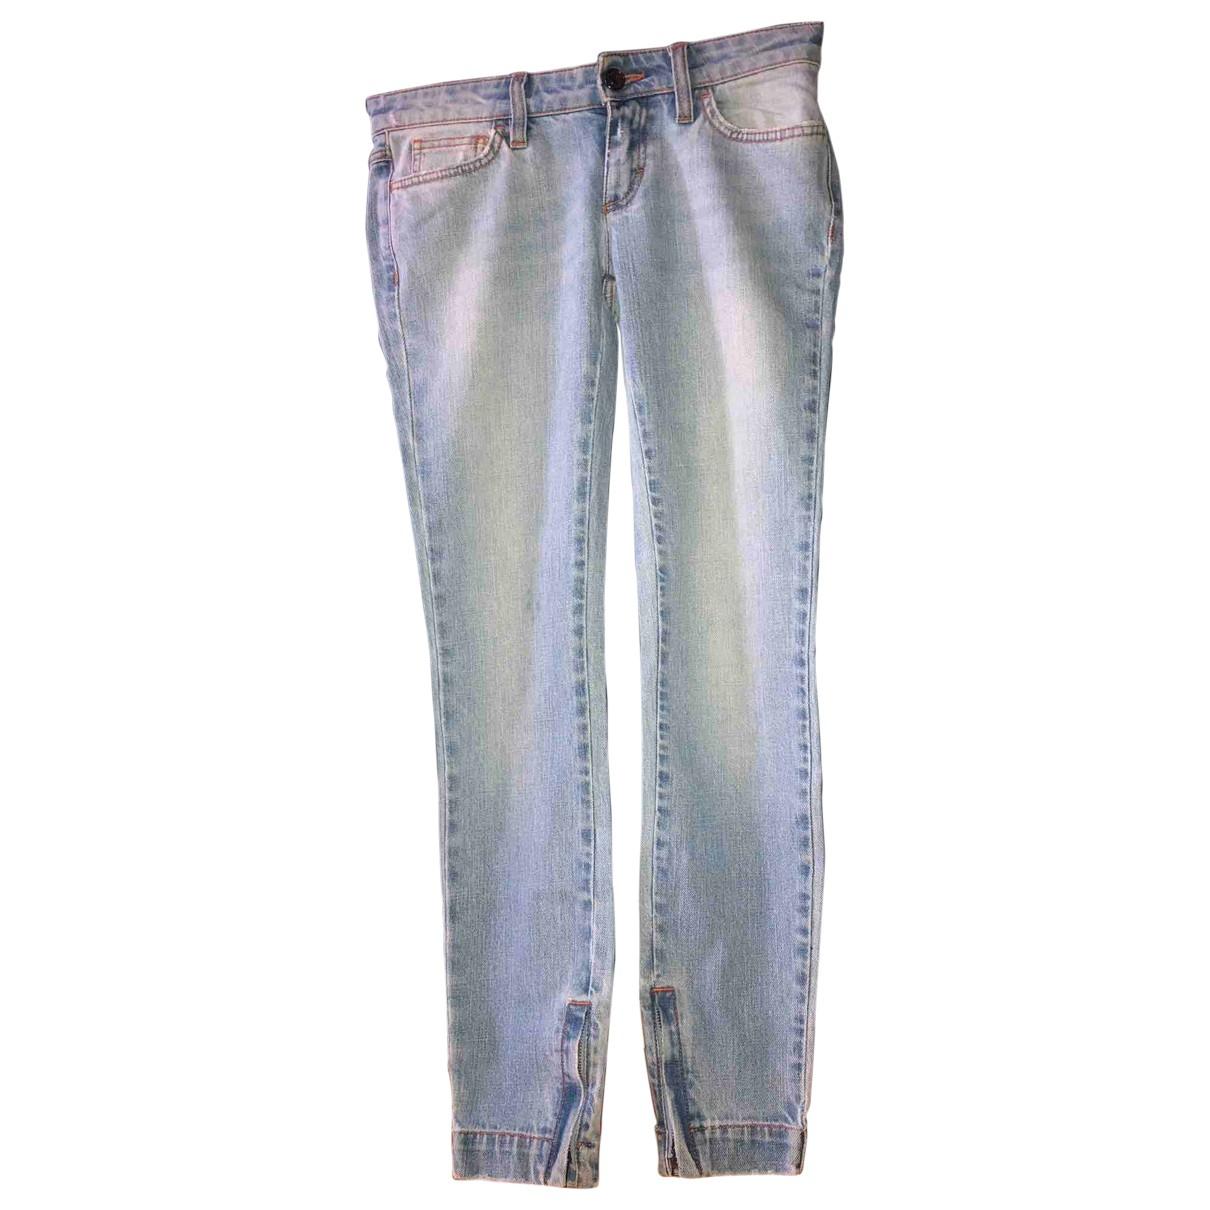 Dolce & Gabbana \N Blue Denim - Jeans Trousers for Women 36 IT